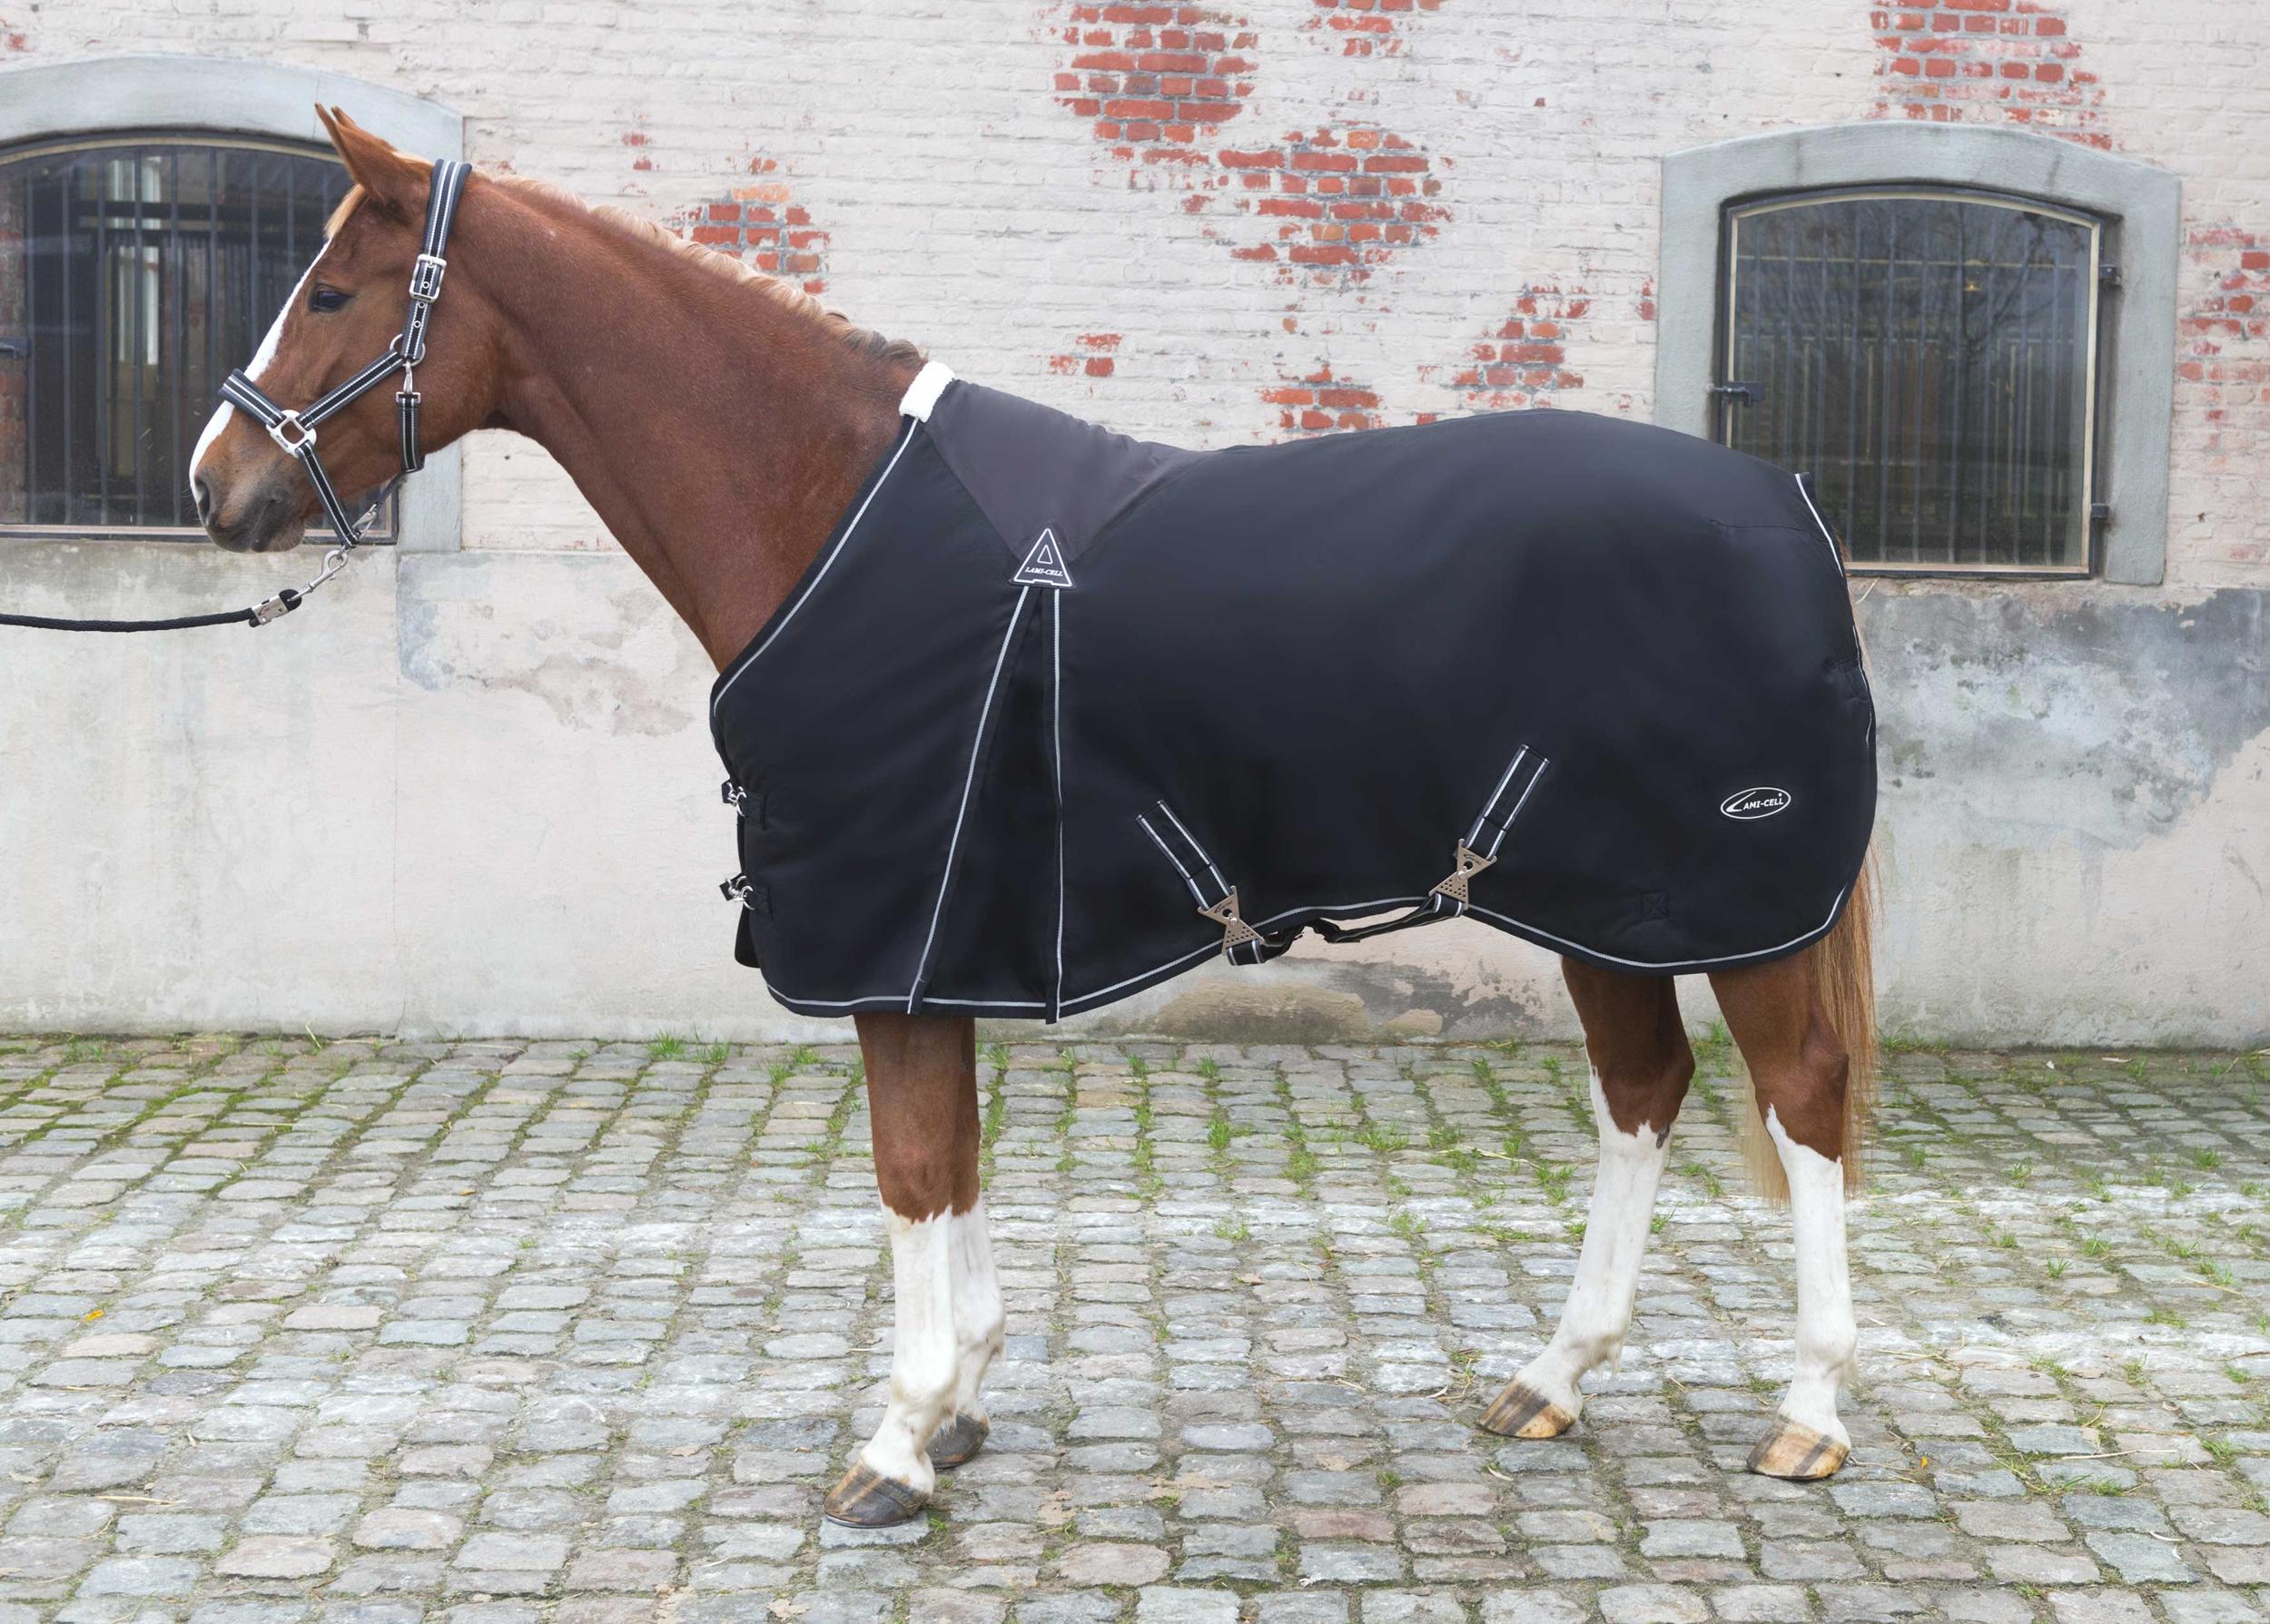 Q.H.P Waldhausen En Coton Doux Laine Cheval Equine Confort Training Aid longes Corde